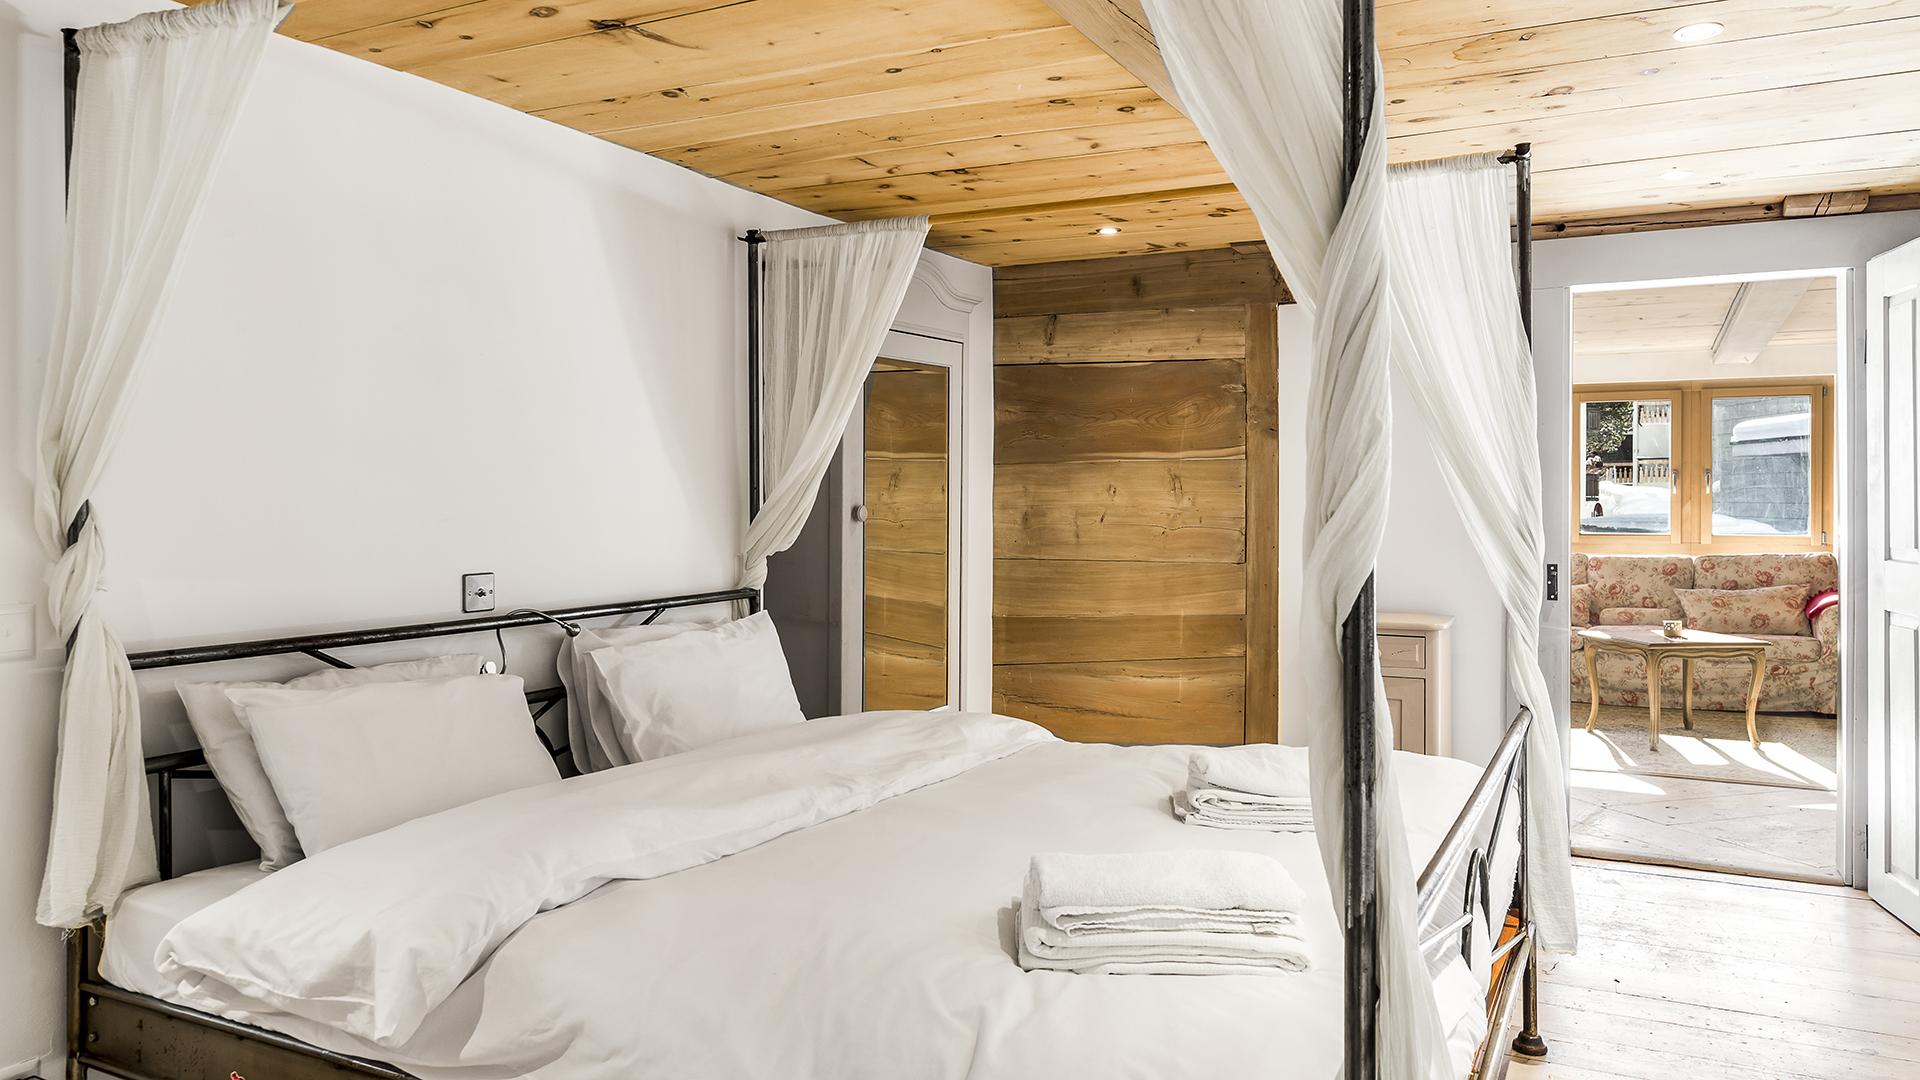 Orianne Apartments, Switzerland